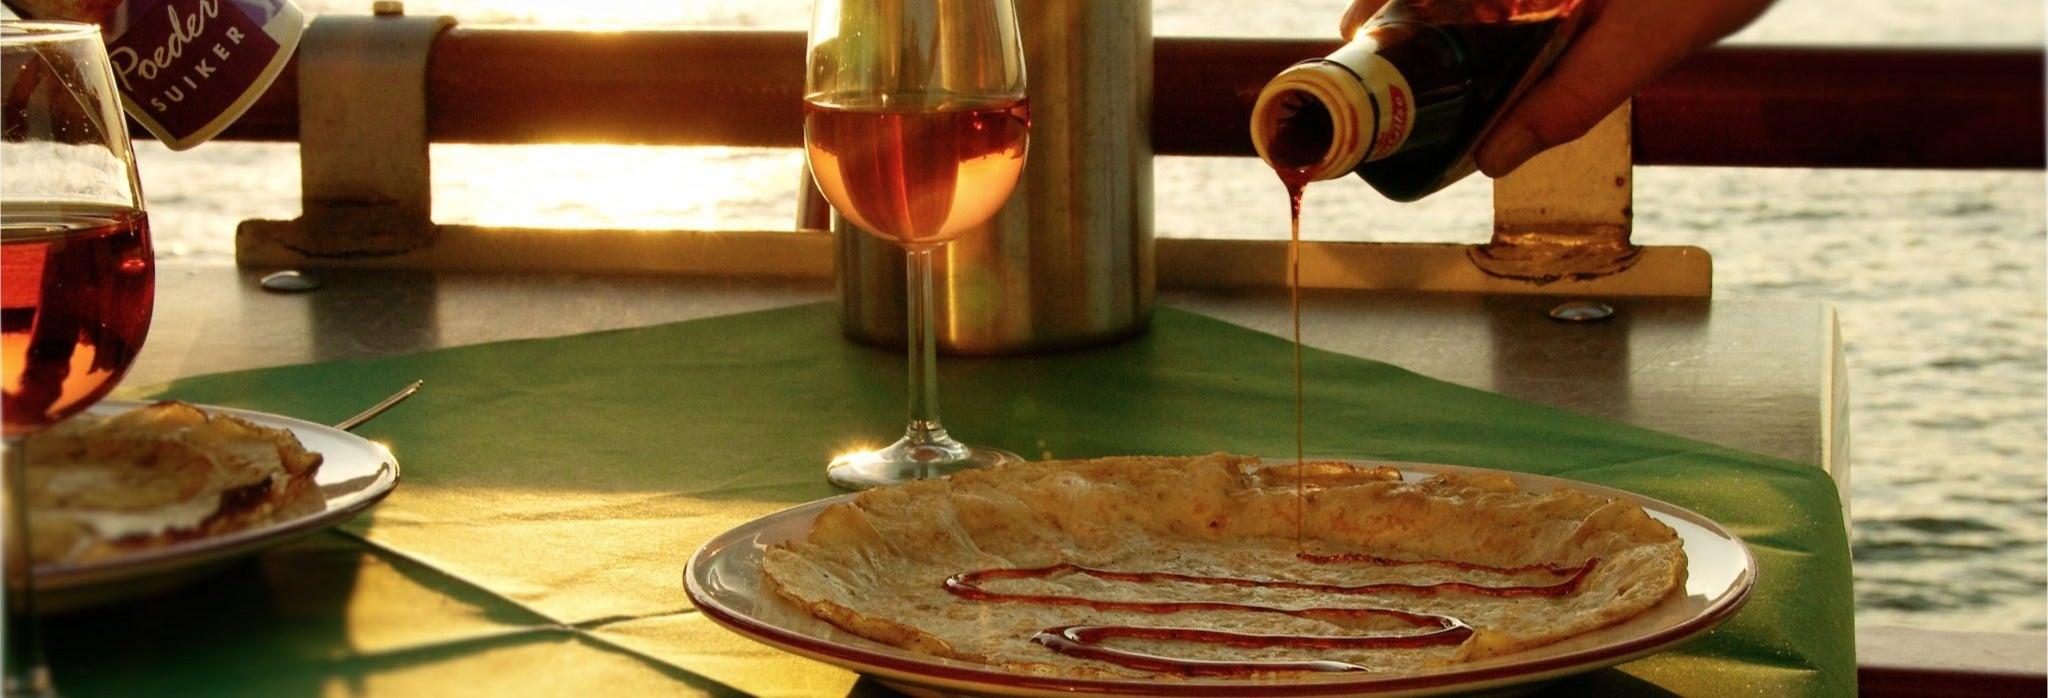 Croisière-dégustation de pancakes à Amsterdam